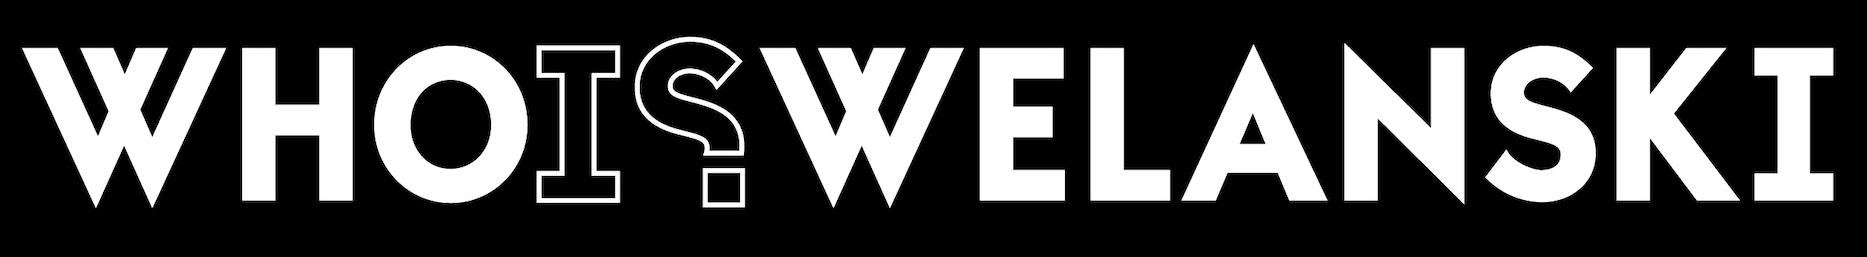 whoiswelanski Logo